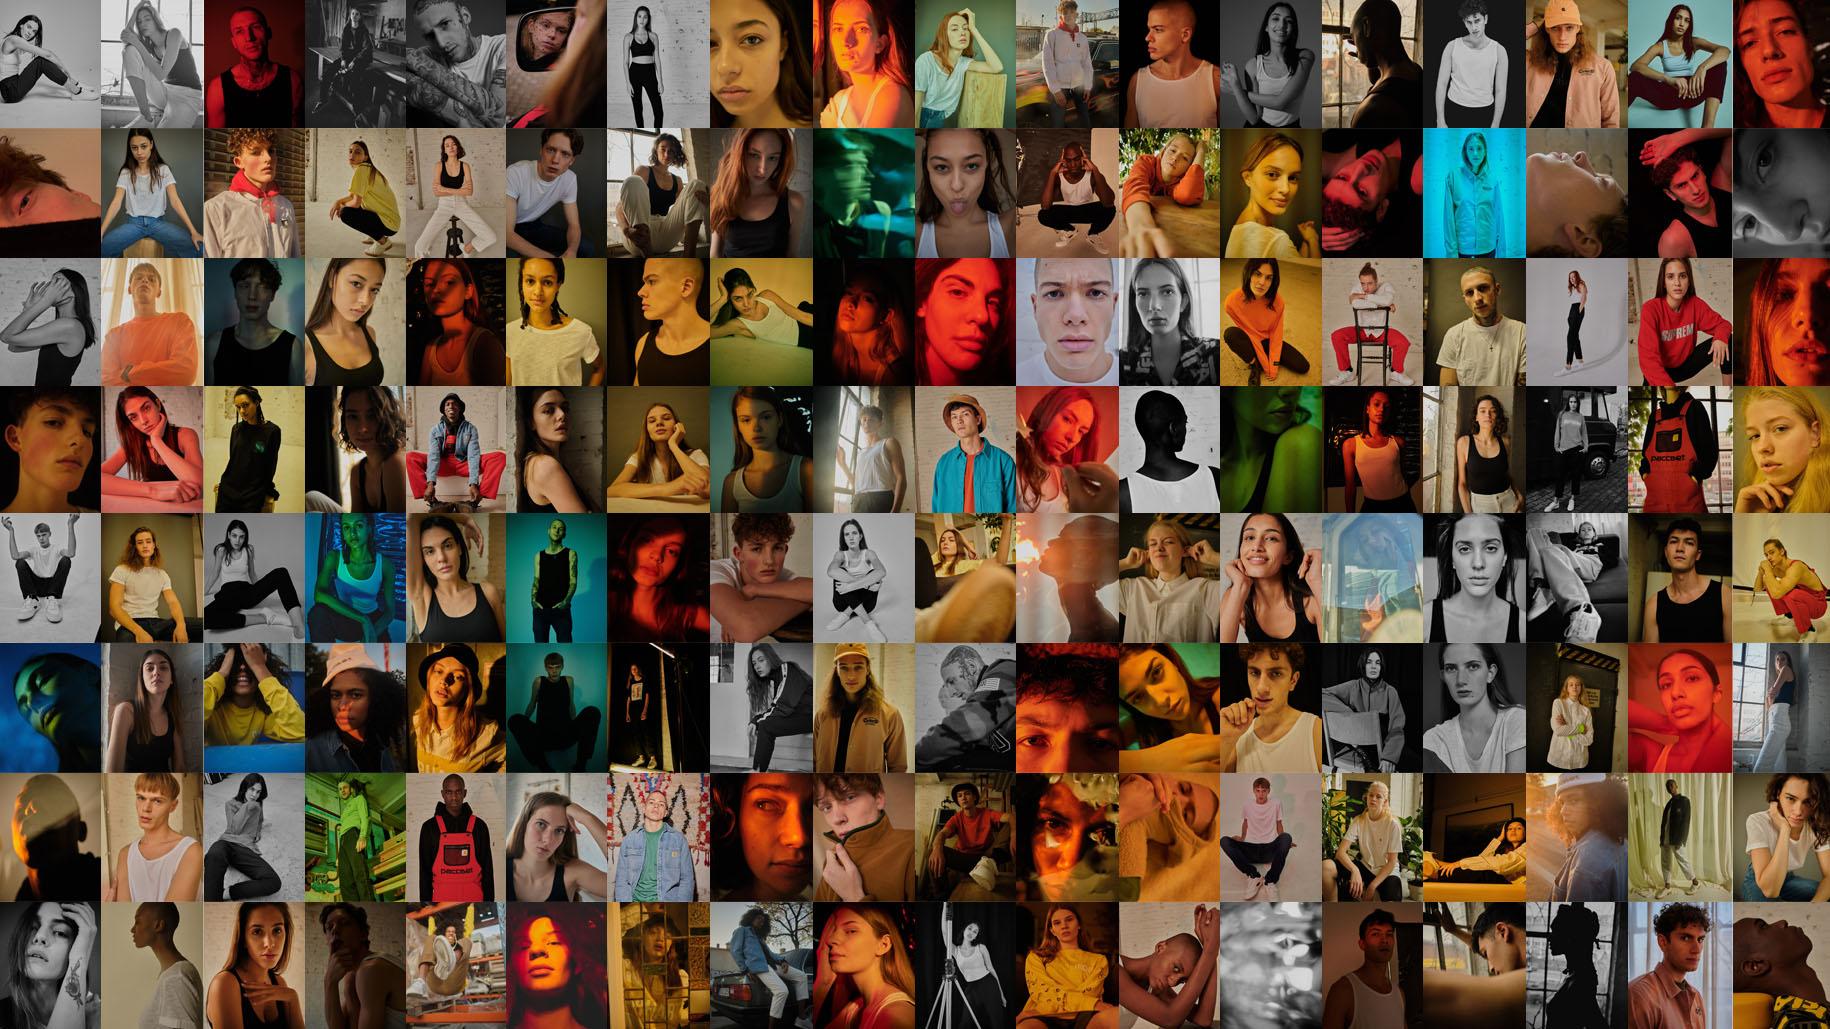 WOLEJKO-WOLEJSZO Personal, Portraits, #eclecticstudies, Eclectic, Art